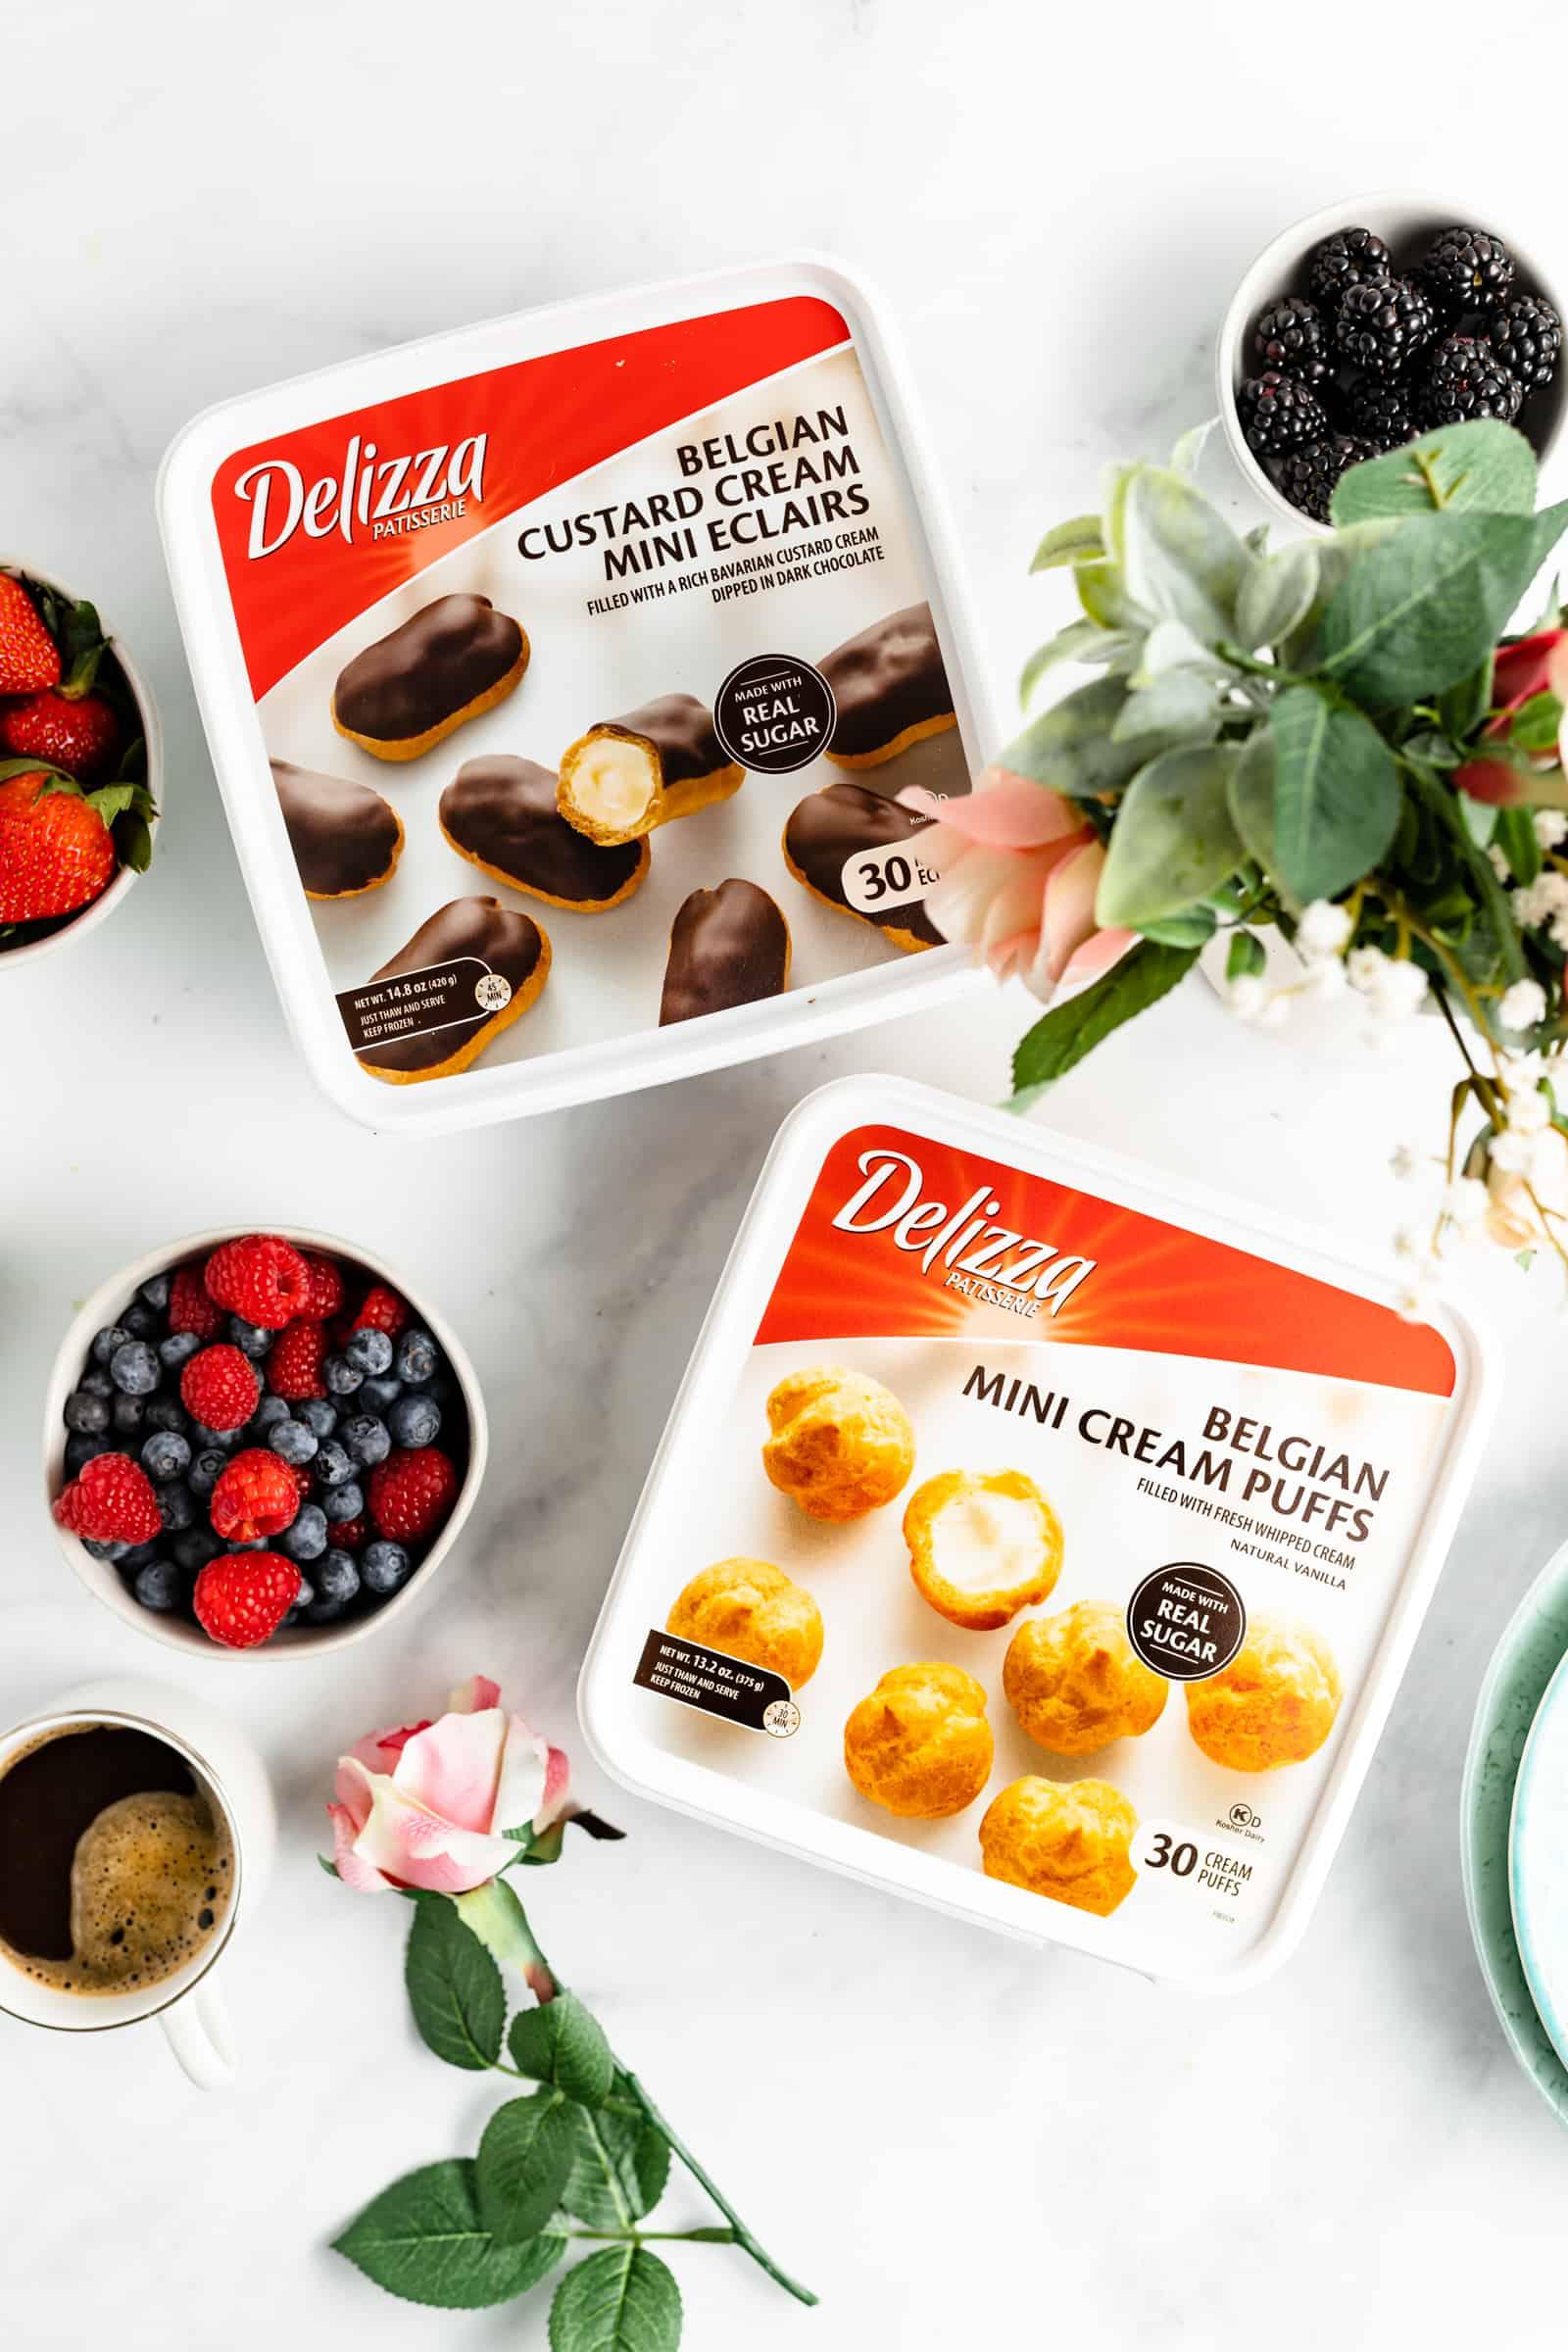 Delizza Cream Puffs and Eclairs